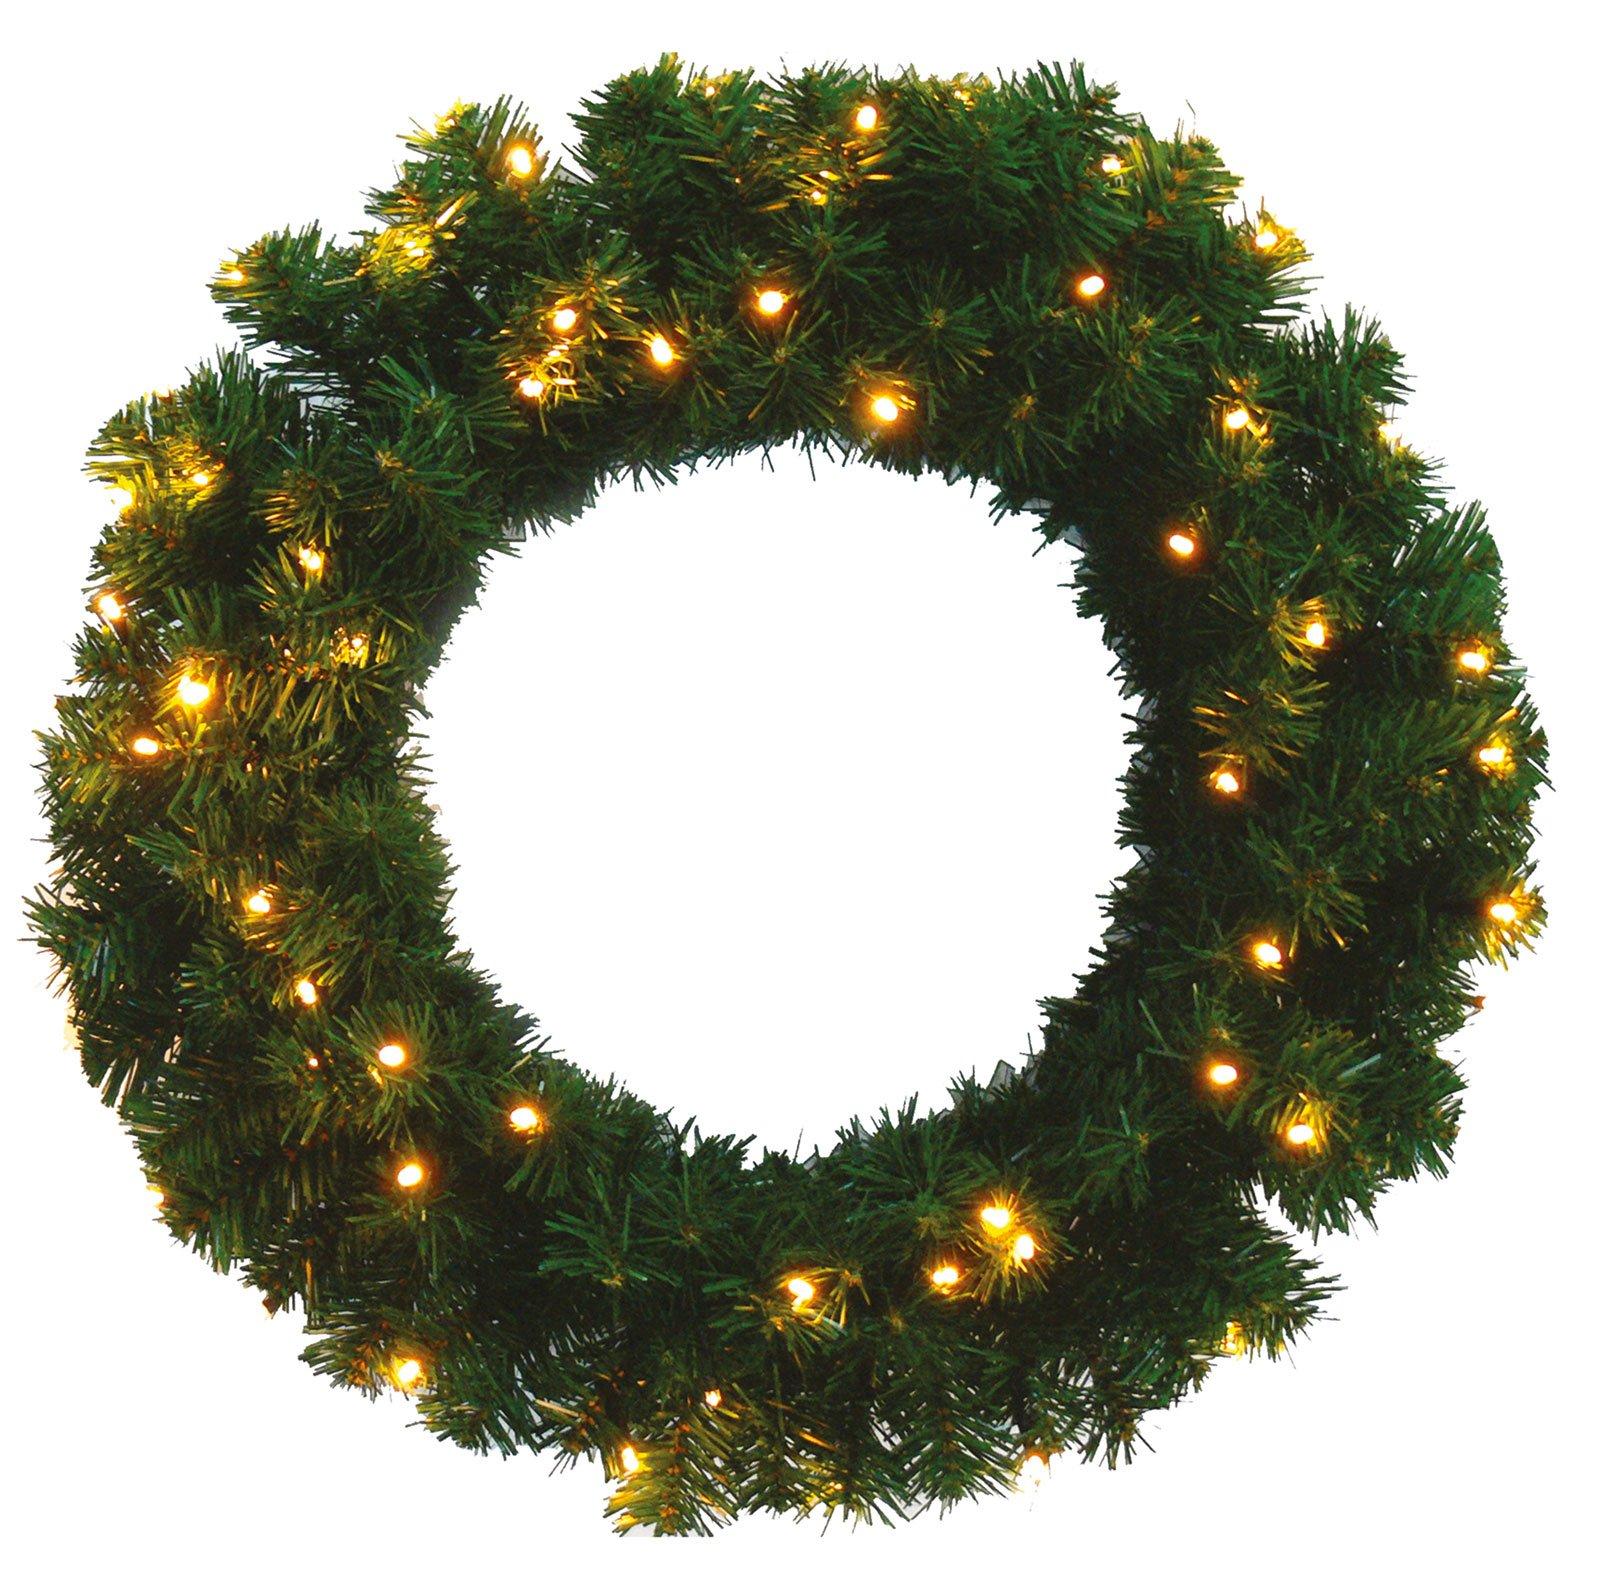 decorazioni natalizie mandaci le foto delle tue cose